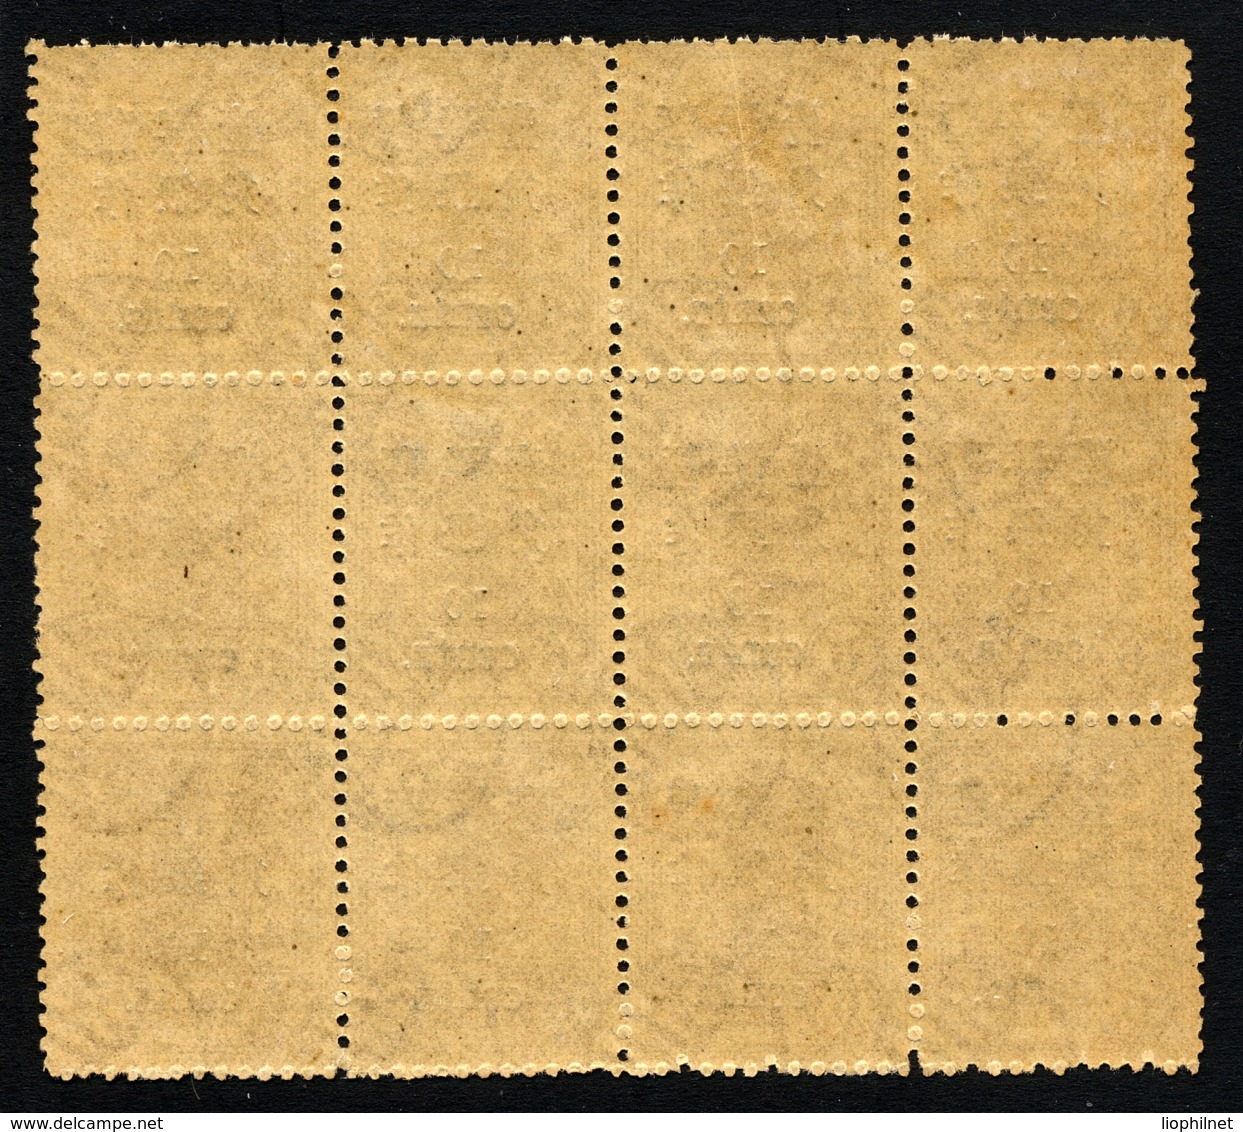 CHINE CHINA 1897, Yvert 22**, Bloc De 12 Exemplaires, Impératrice Douairière, Surcharge 10c Sur 6c Brun, Neuf** / MNH - Chine